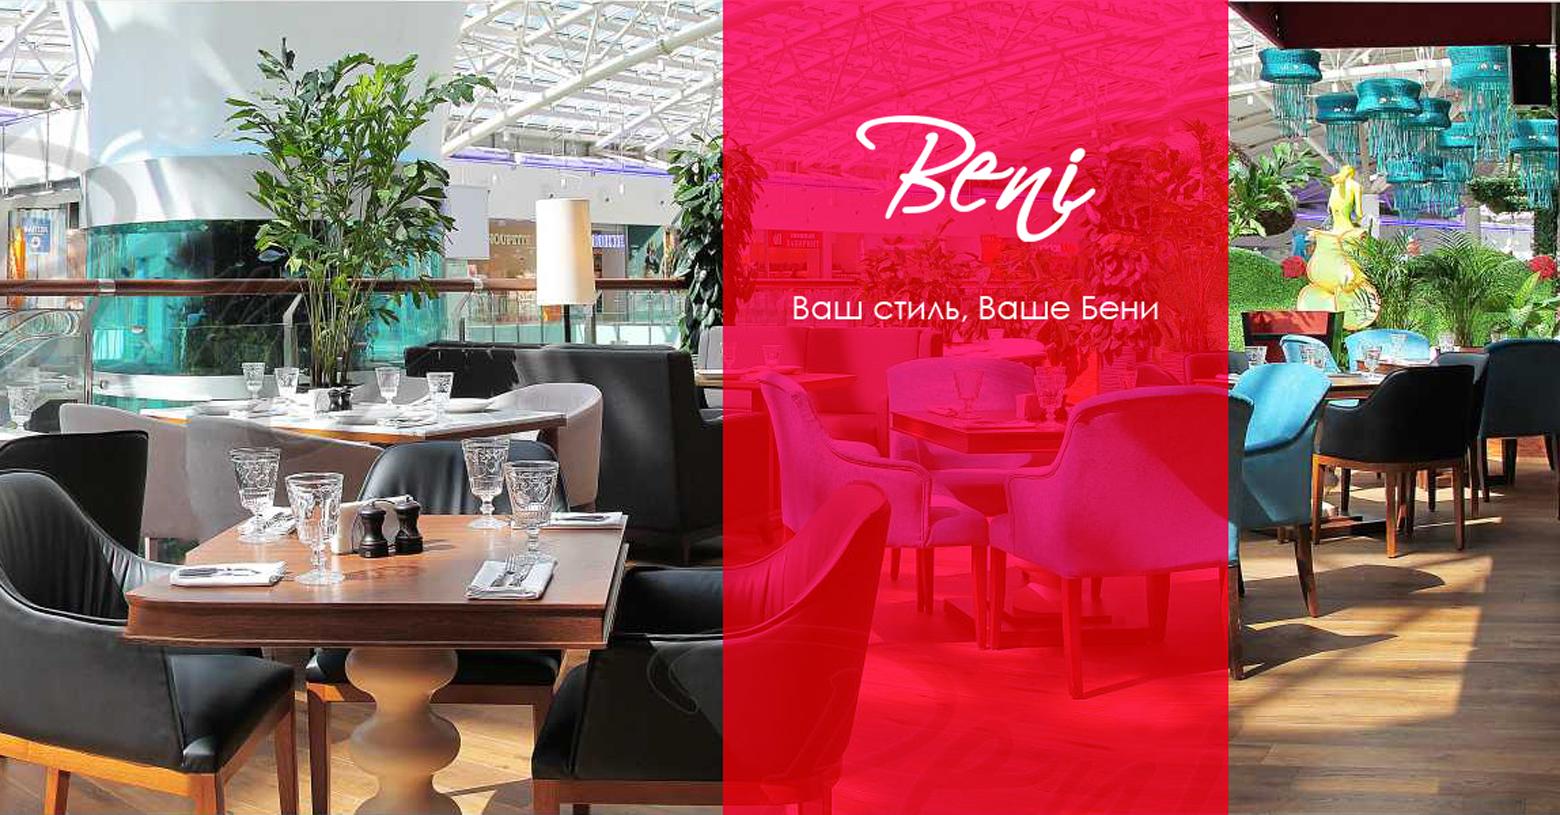 Блог им. fokinpr: Идеальный дизайн интерьера с недорогой мебелью от фабрики «Beni»